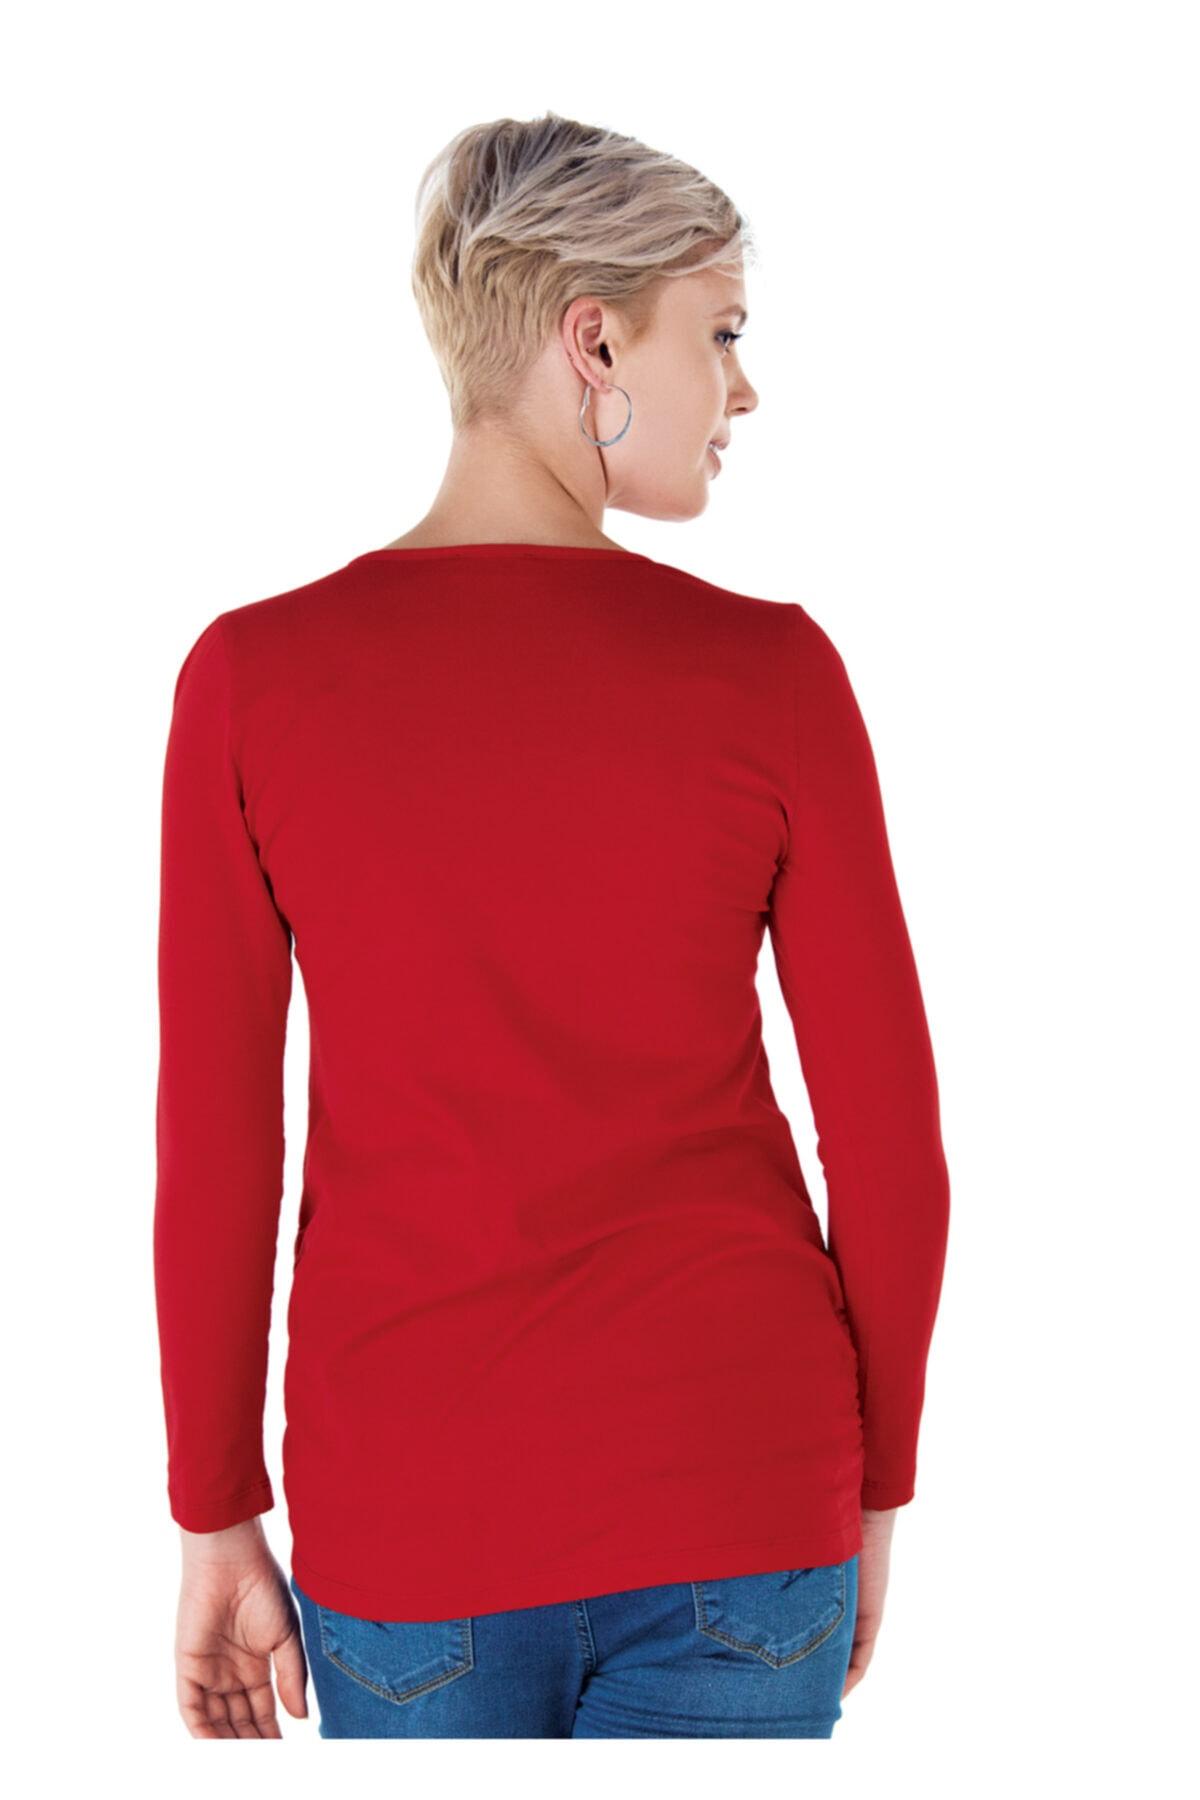 Ebru Maternity 4256 - Yuvarlak Yaka Kırmızı Hamile Tişörtü 2